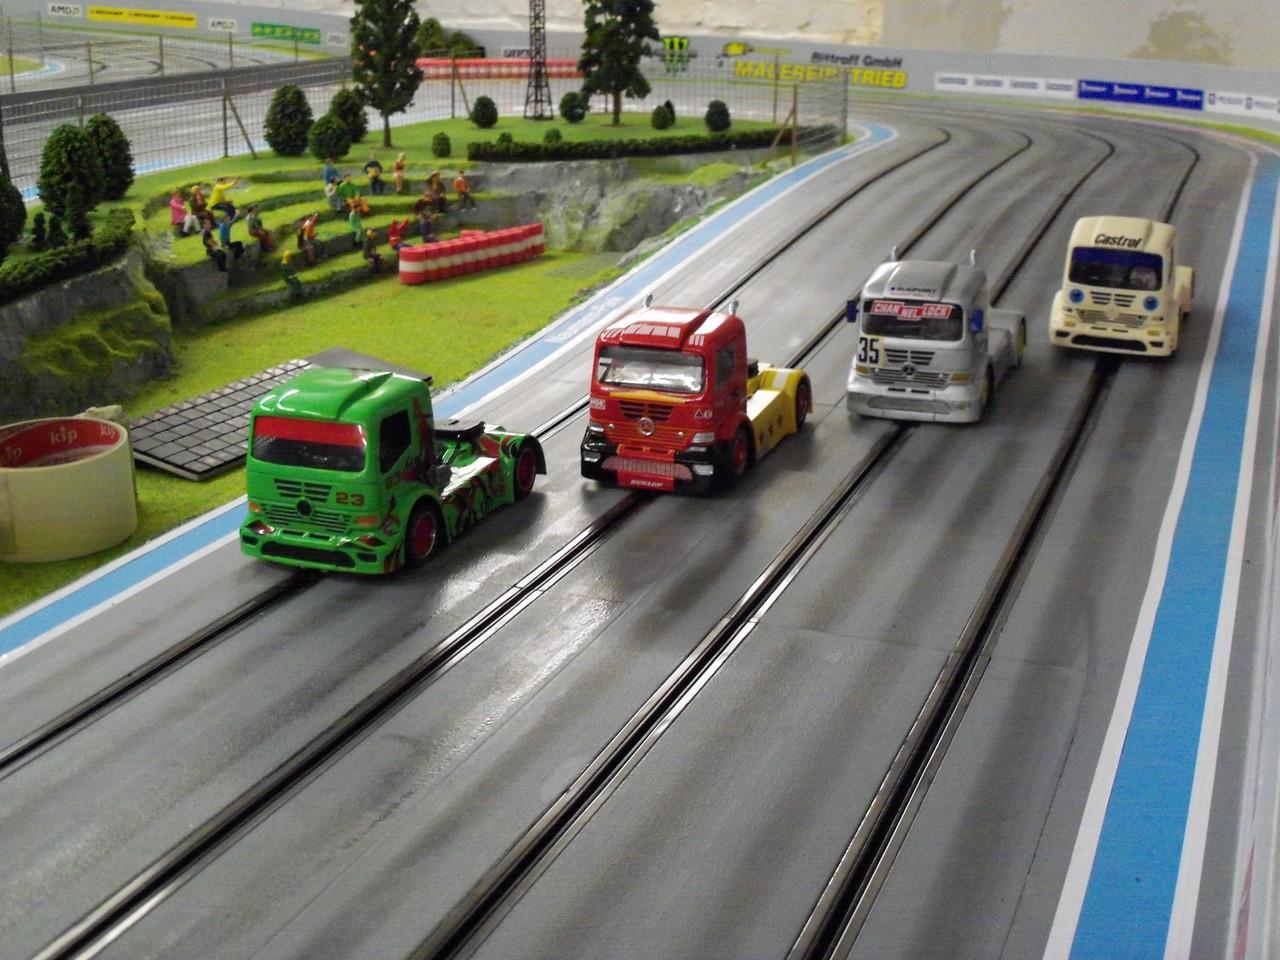 Trucks von Eik, Thomas, Gerd, Leihwagen